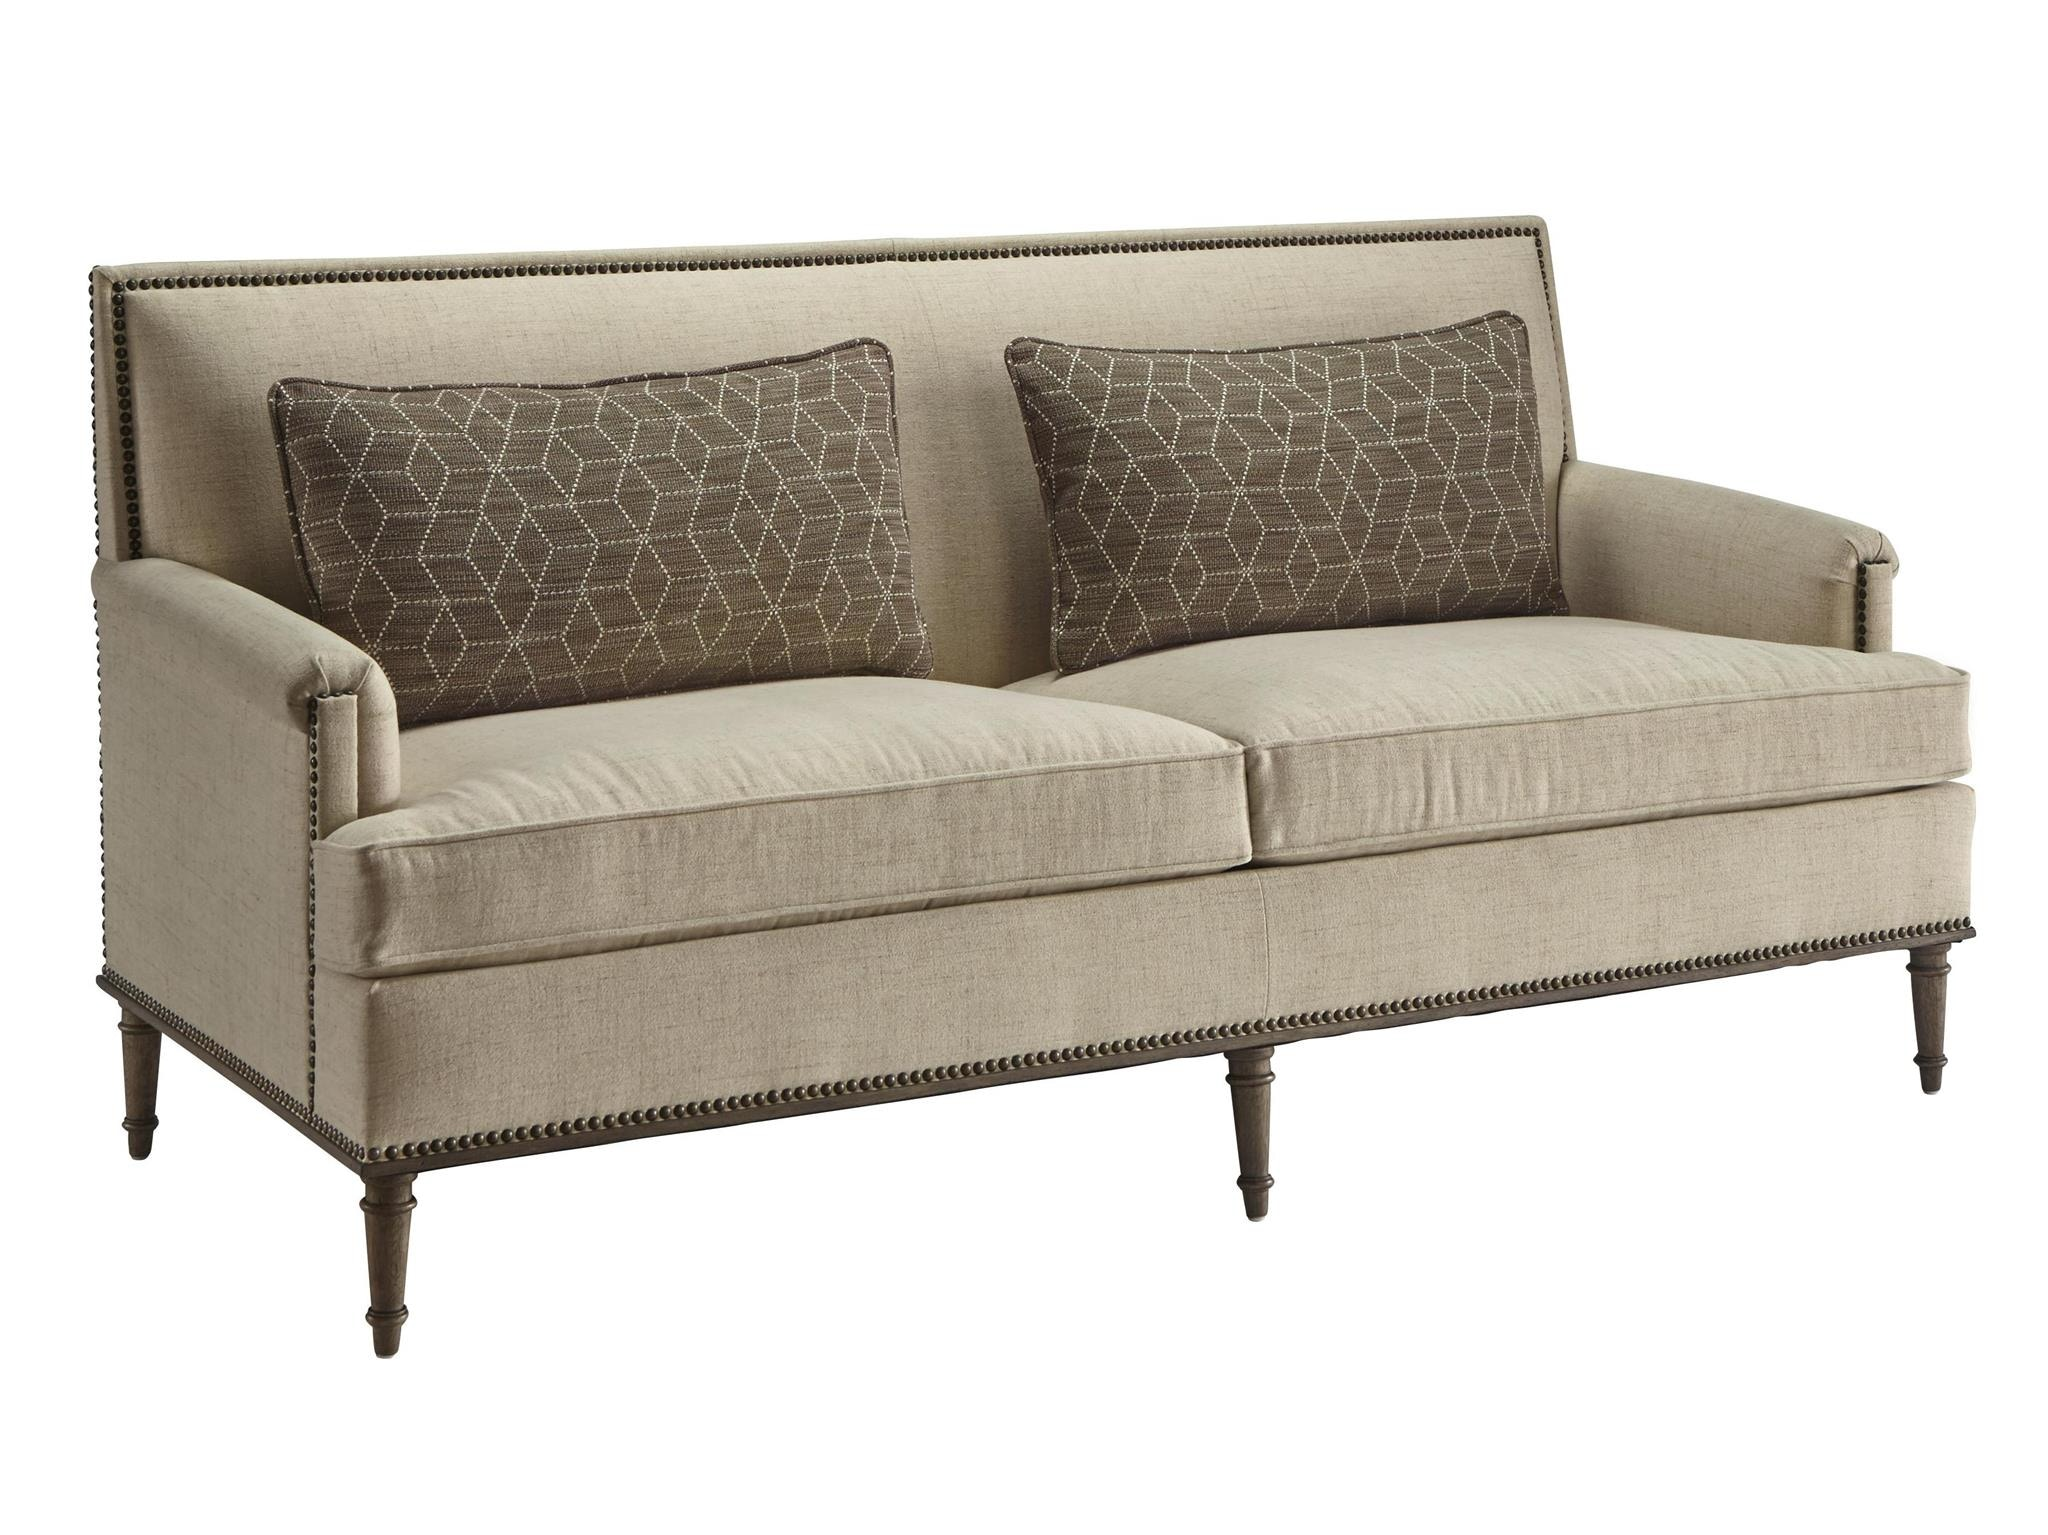 Gentil Fine Furniture Design Beckett Sofa 5818 01